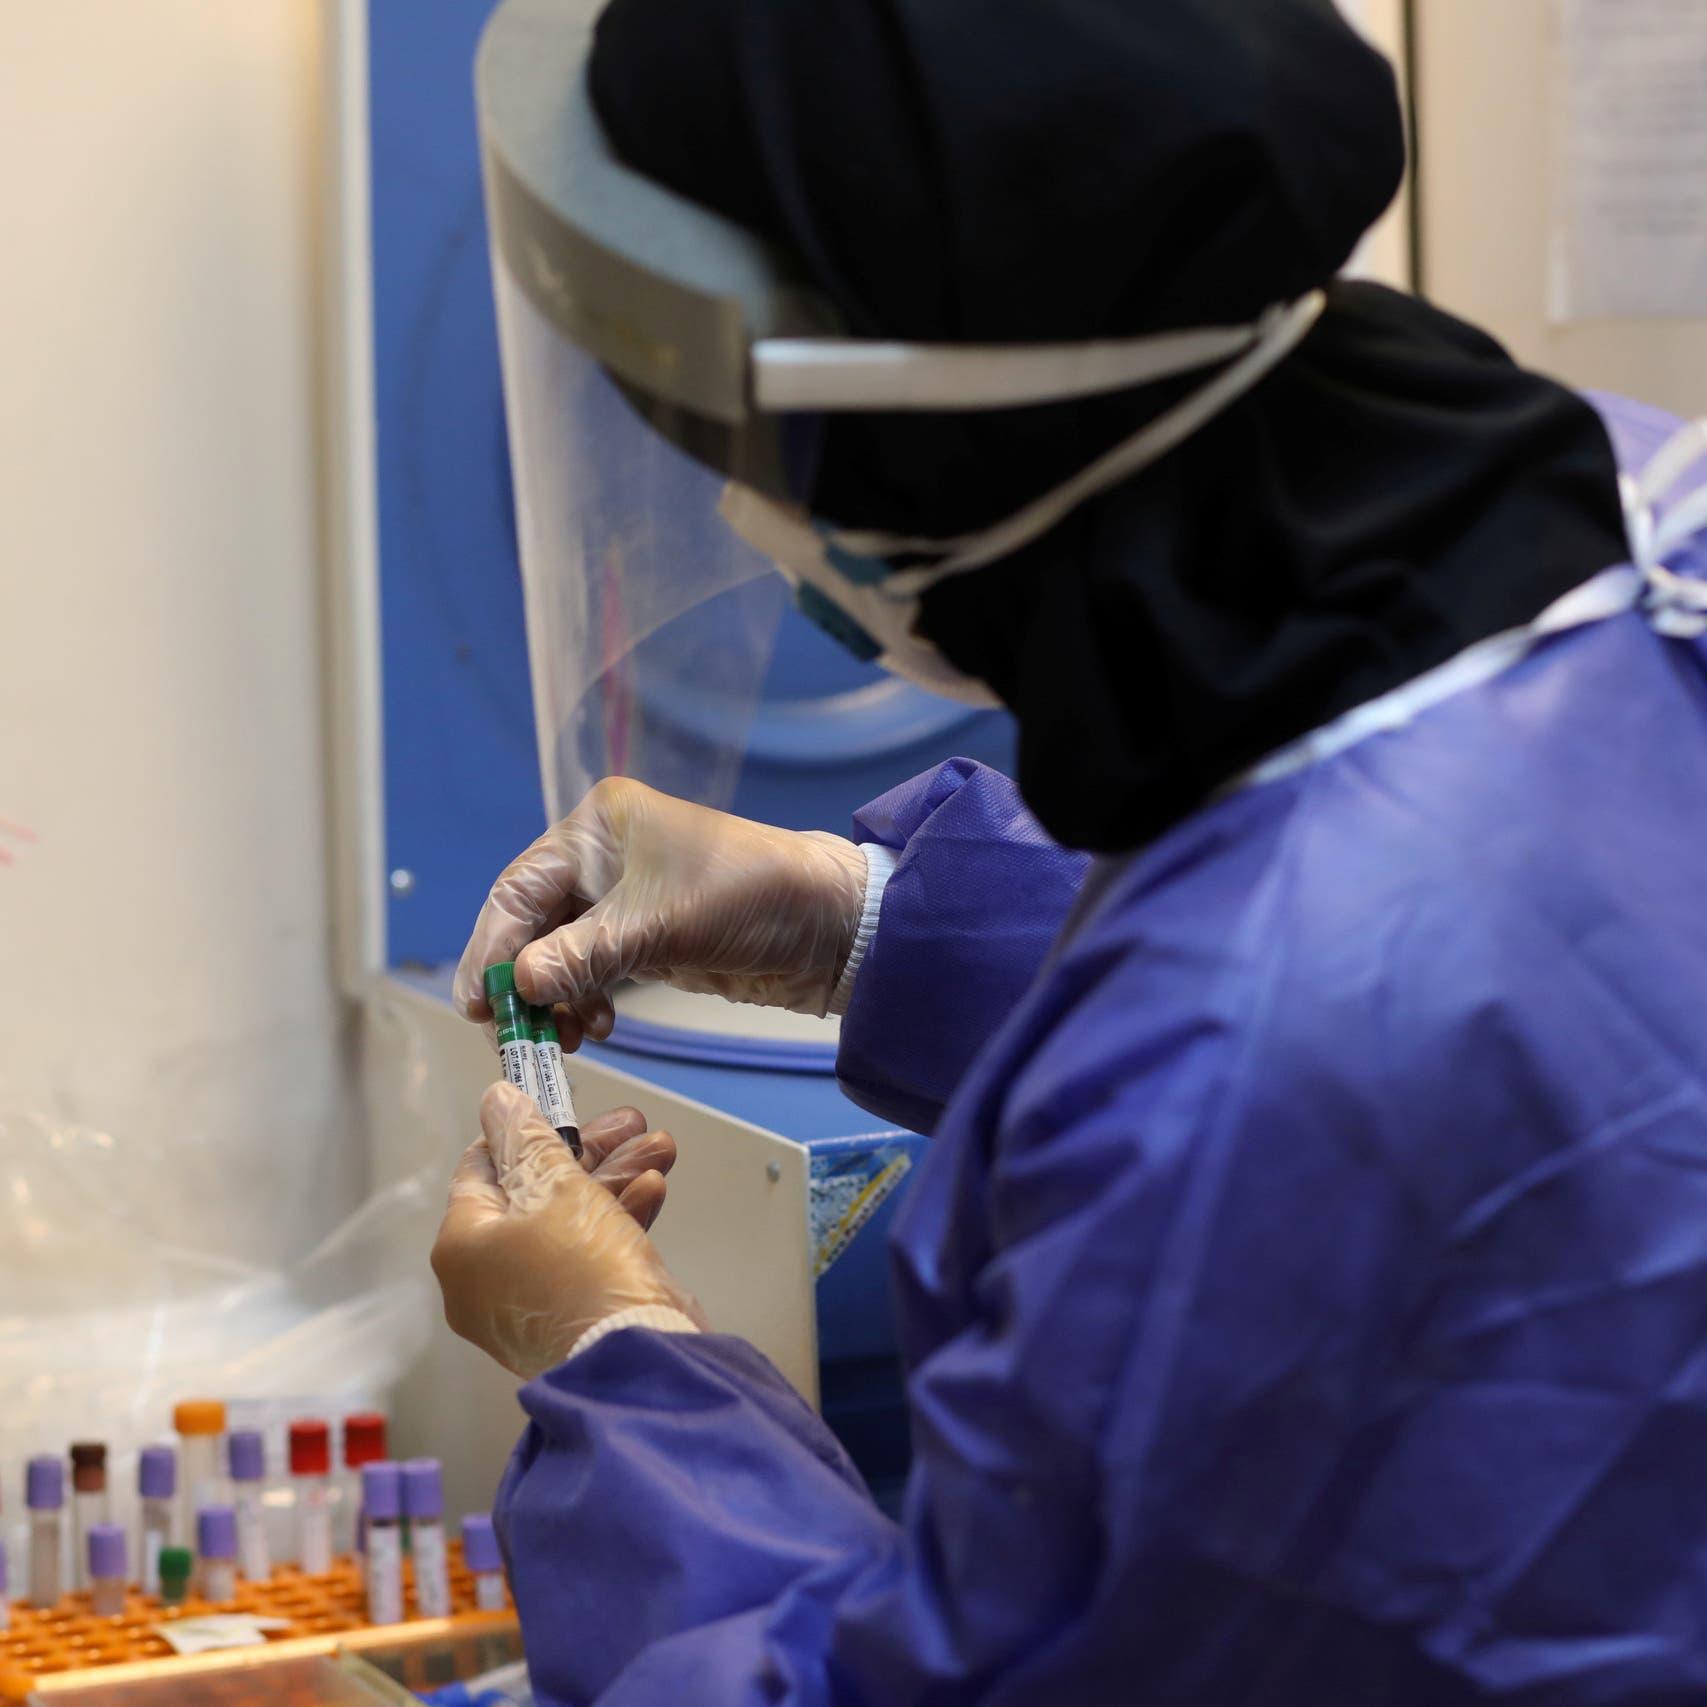 3000 إصابة بكورونا بإيران في ارتفاع هو الأعلى منذ شهرين